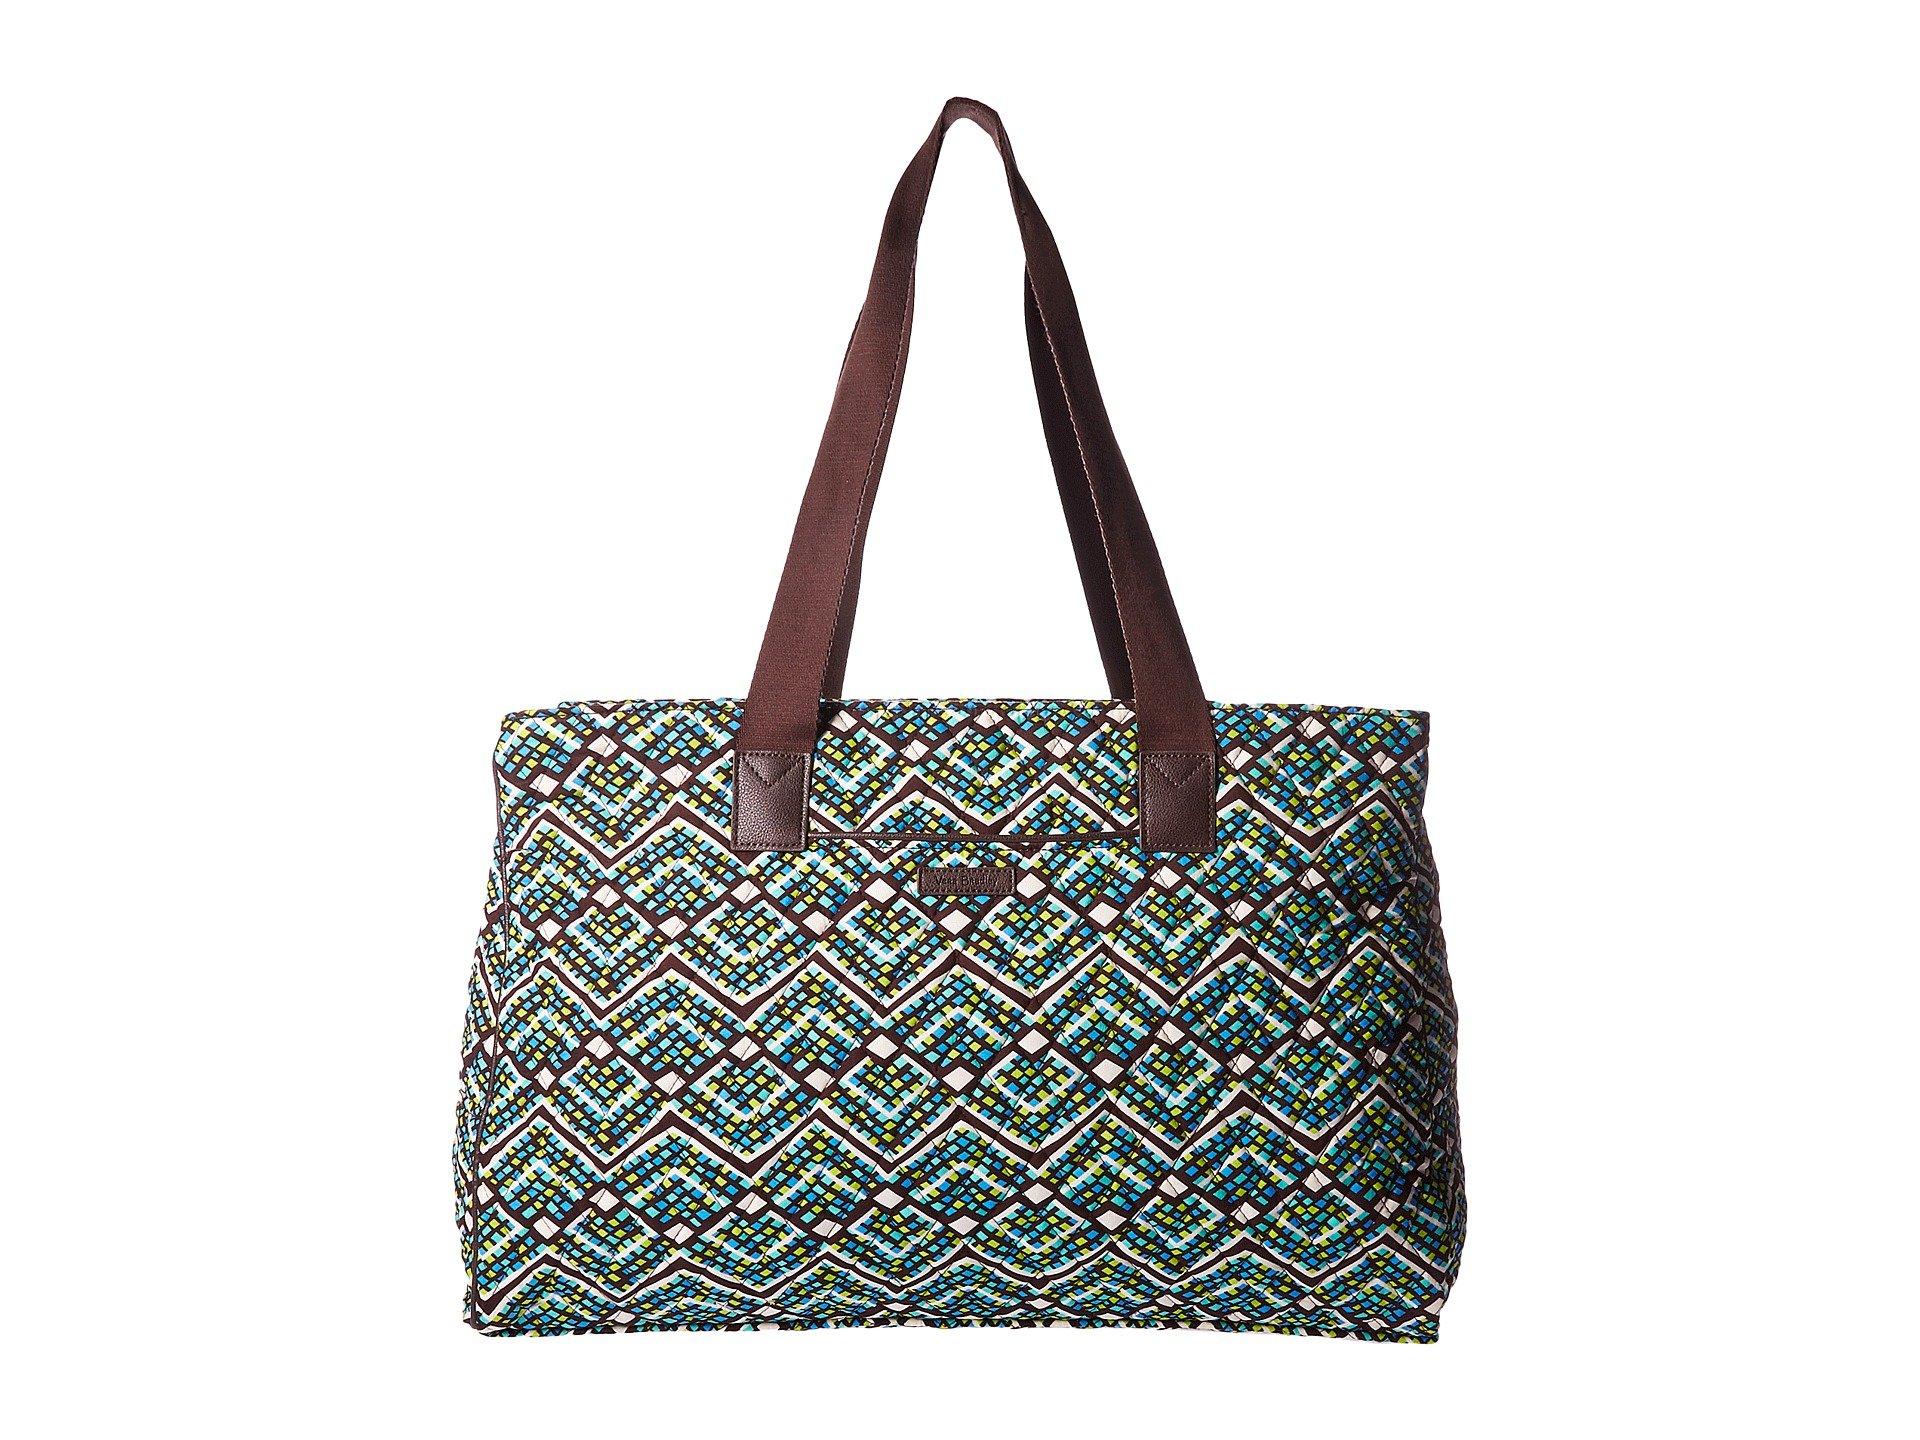 Bolso de Lona para Mujer Vera Bradley Triple Compartment Travel Bag  + Vera Bradley en VeoyCompro.net